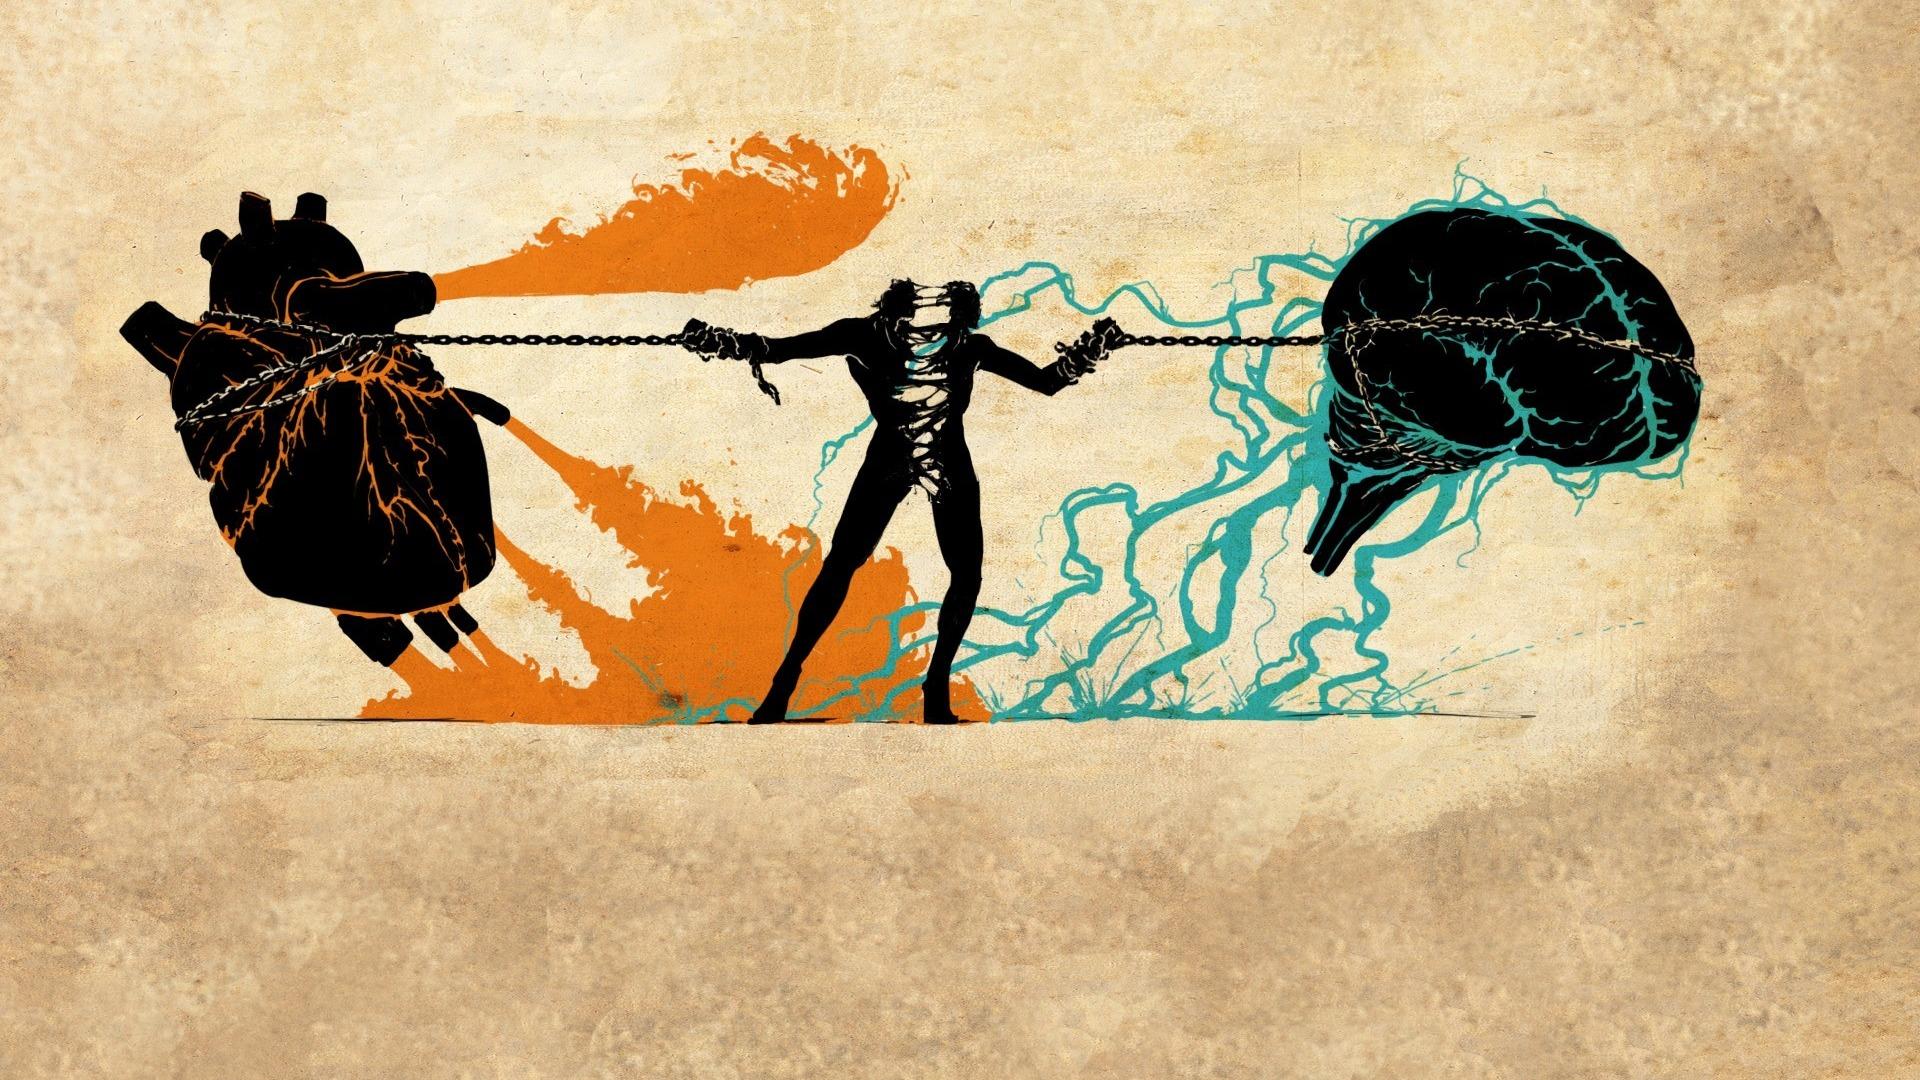 איך להתגבר על כל המכשולים שהחיים מחרבנים עליך, ולהחיות תאים מתים במח שלך